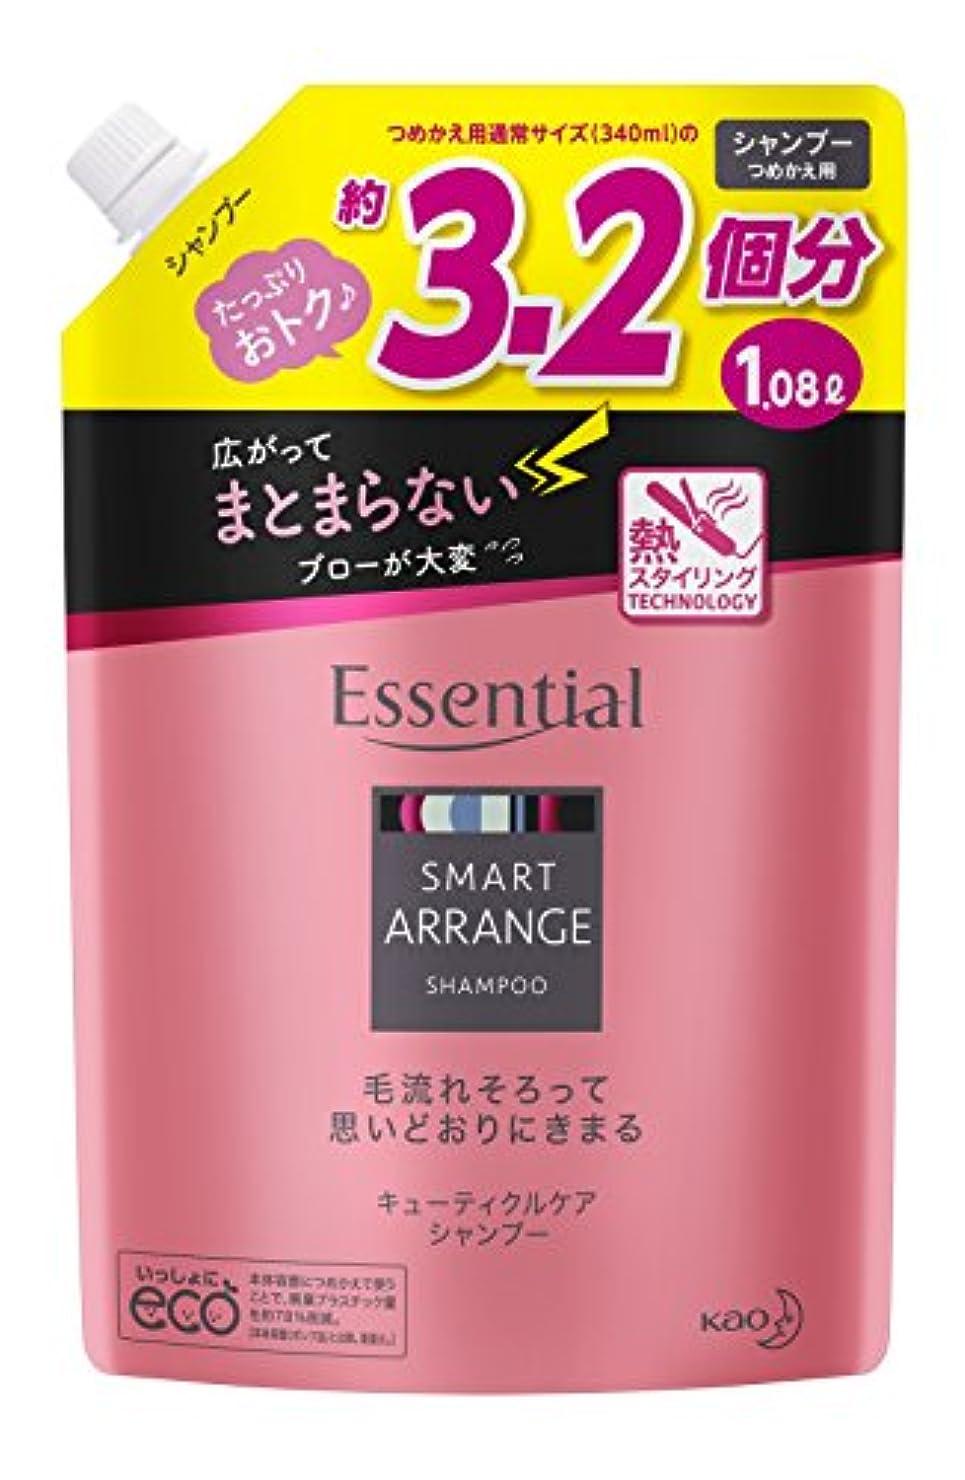 乳剤しみ荒涼とした【大容量】 エッセンシャル スマートアレンジ シャンプー つめかえ用 1080ml